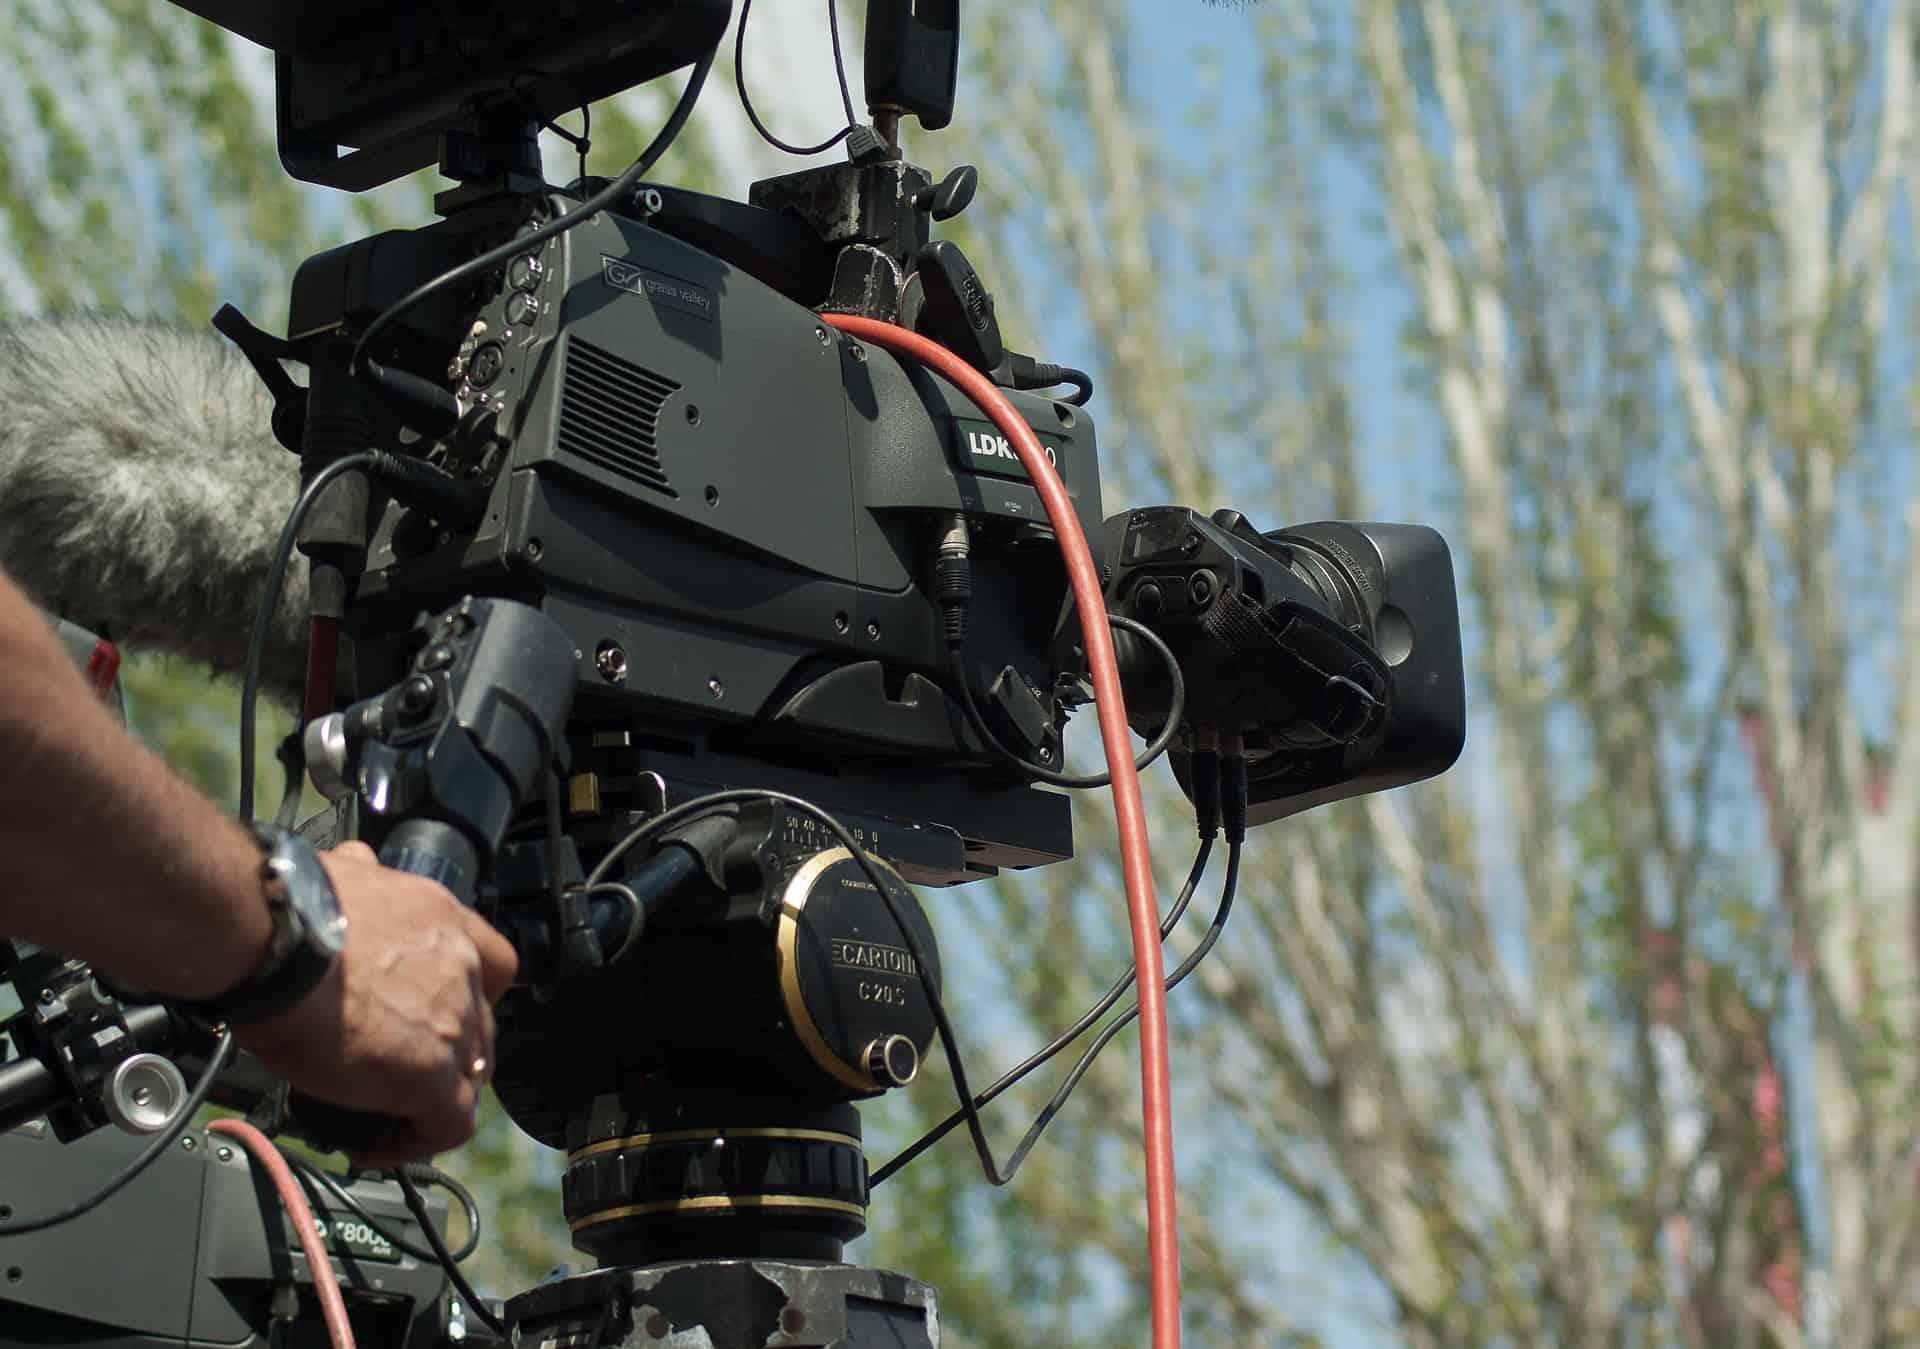 Estabilizador para câmera: Quais são os melhores de 2020?